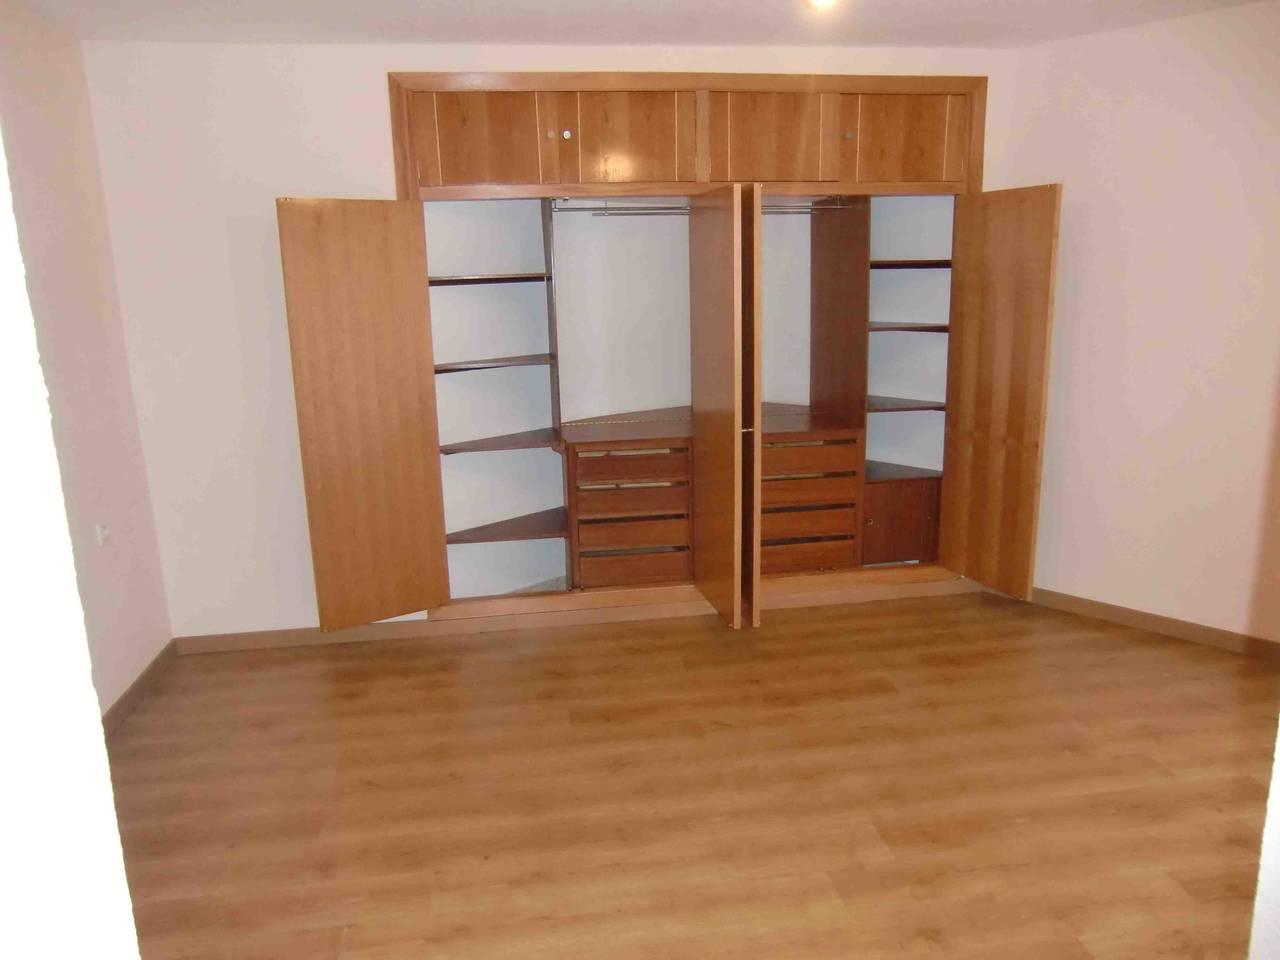 Piso en Córdoba, garaje, trastero, ascensor, 3 habitaciones y 2 baños.